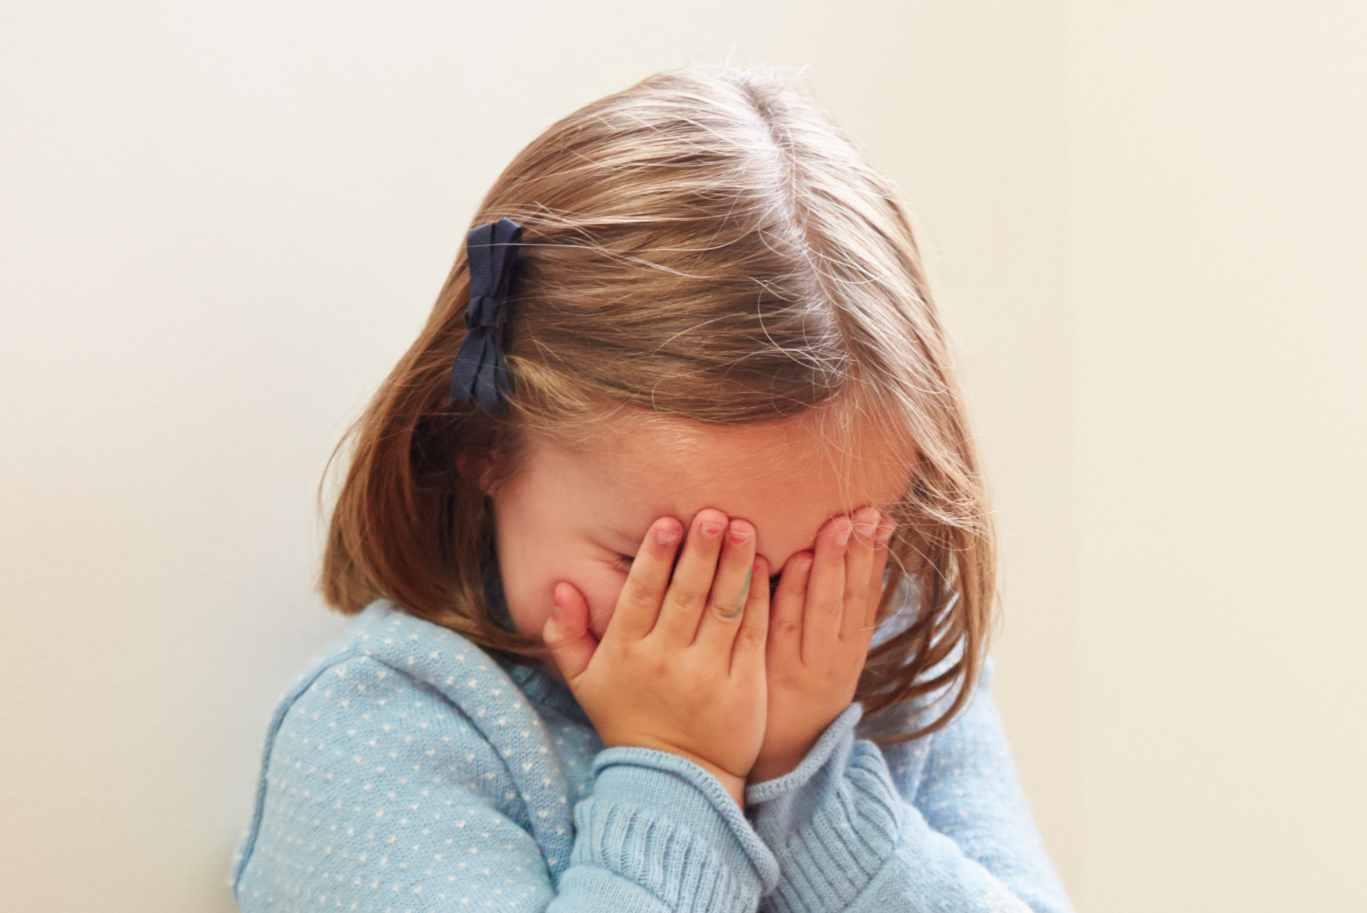 Grensoverschrijdend gedrag door een kind